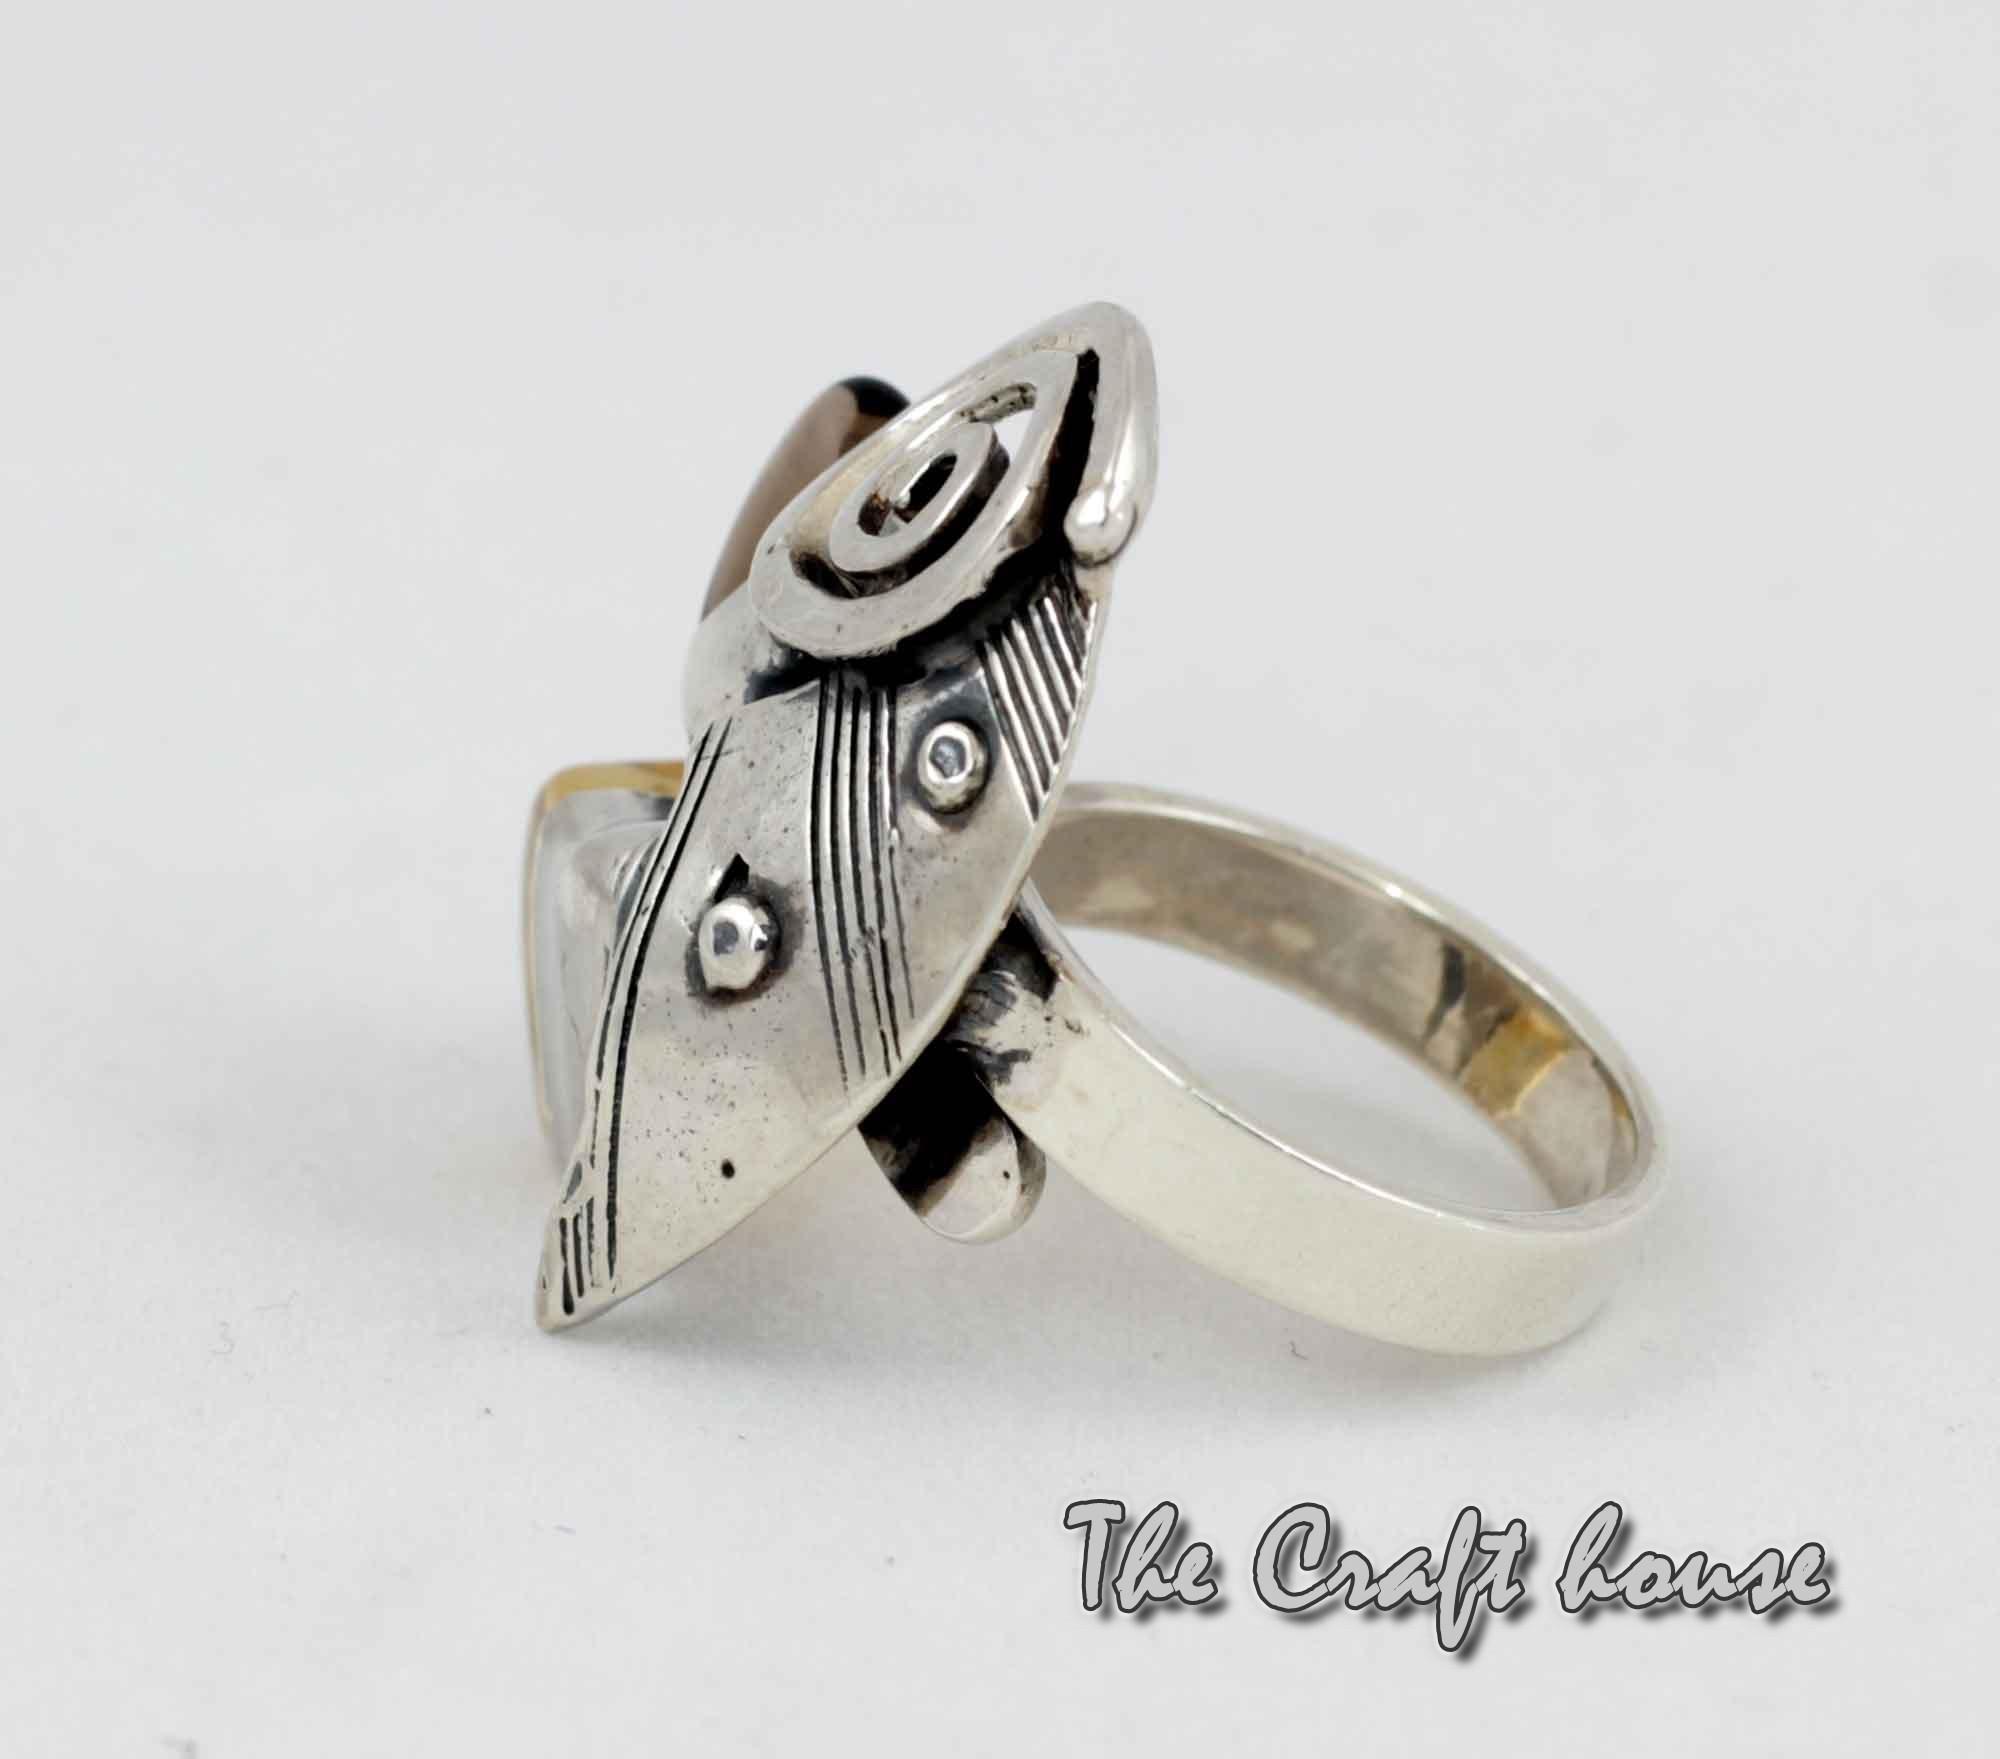 Silver ring with Smoky quartz and Lemon quartz